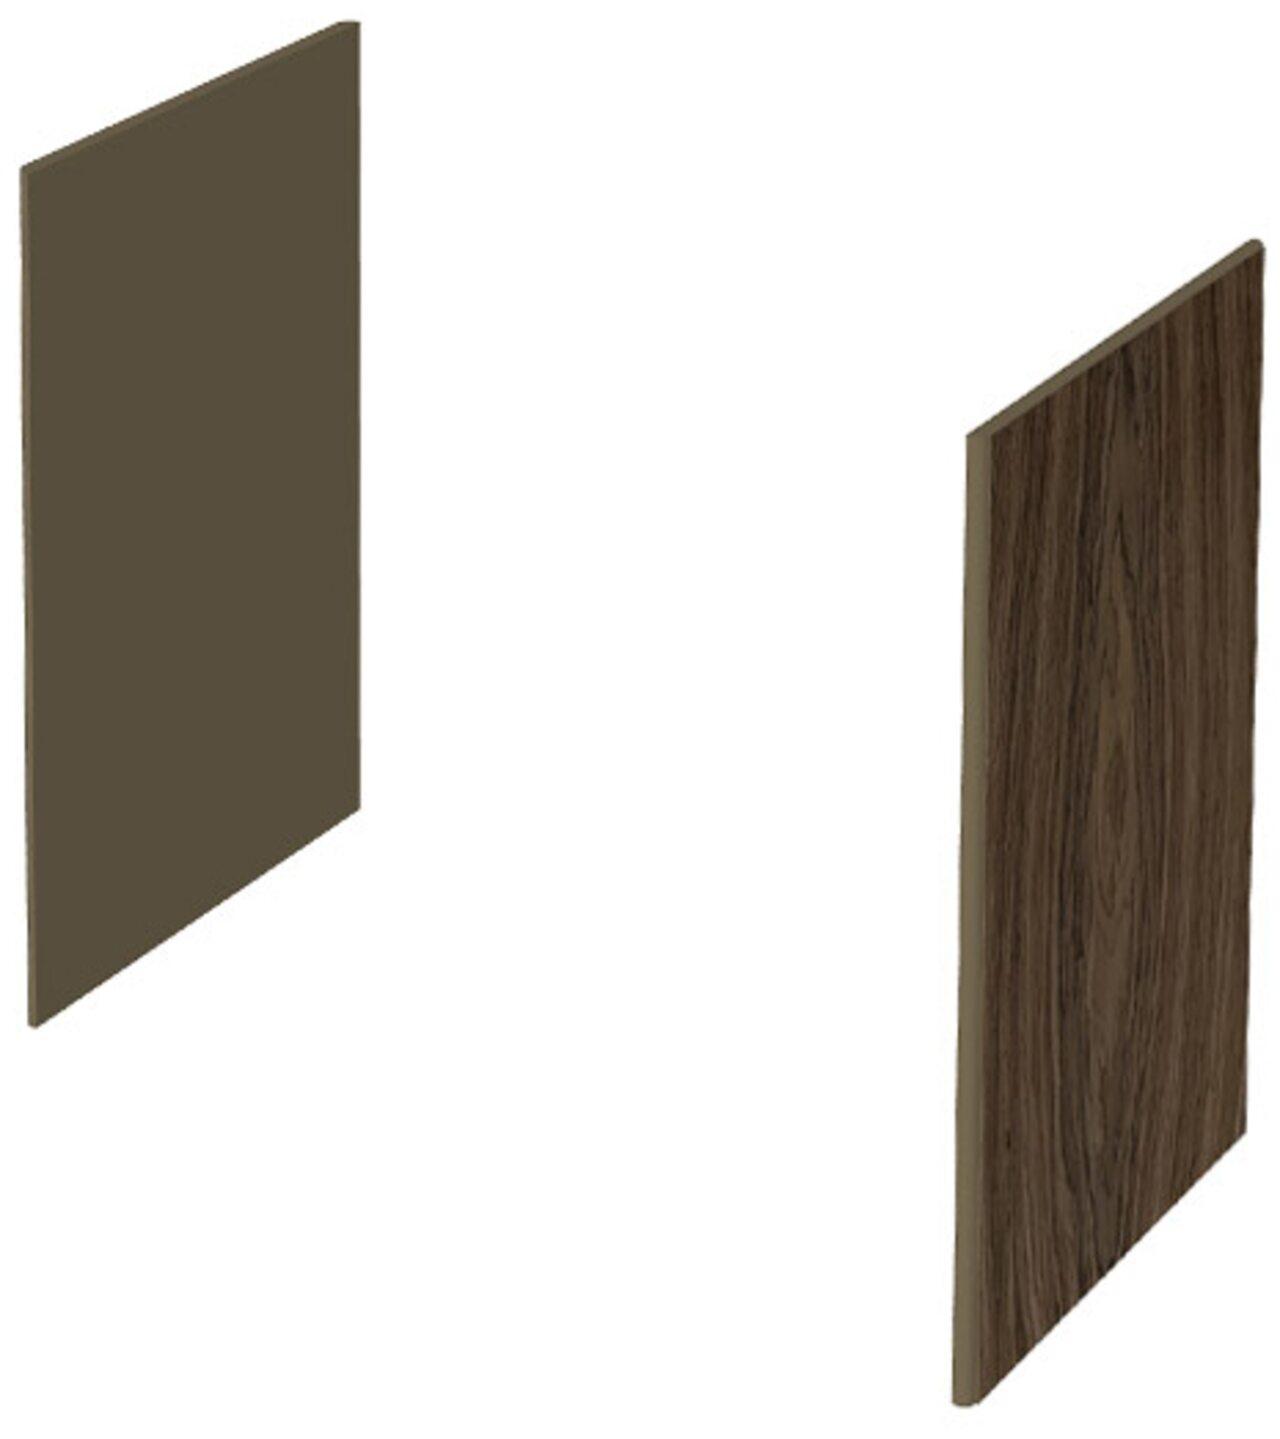 Декоративные боковые панели для низких шкафов  New.Tone 46x2x82 - фото 1